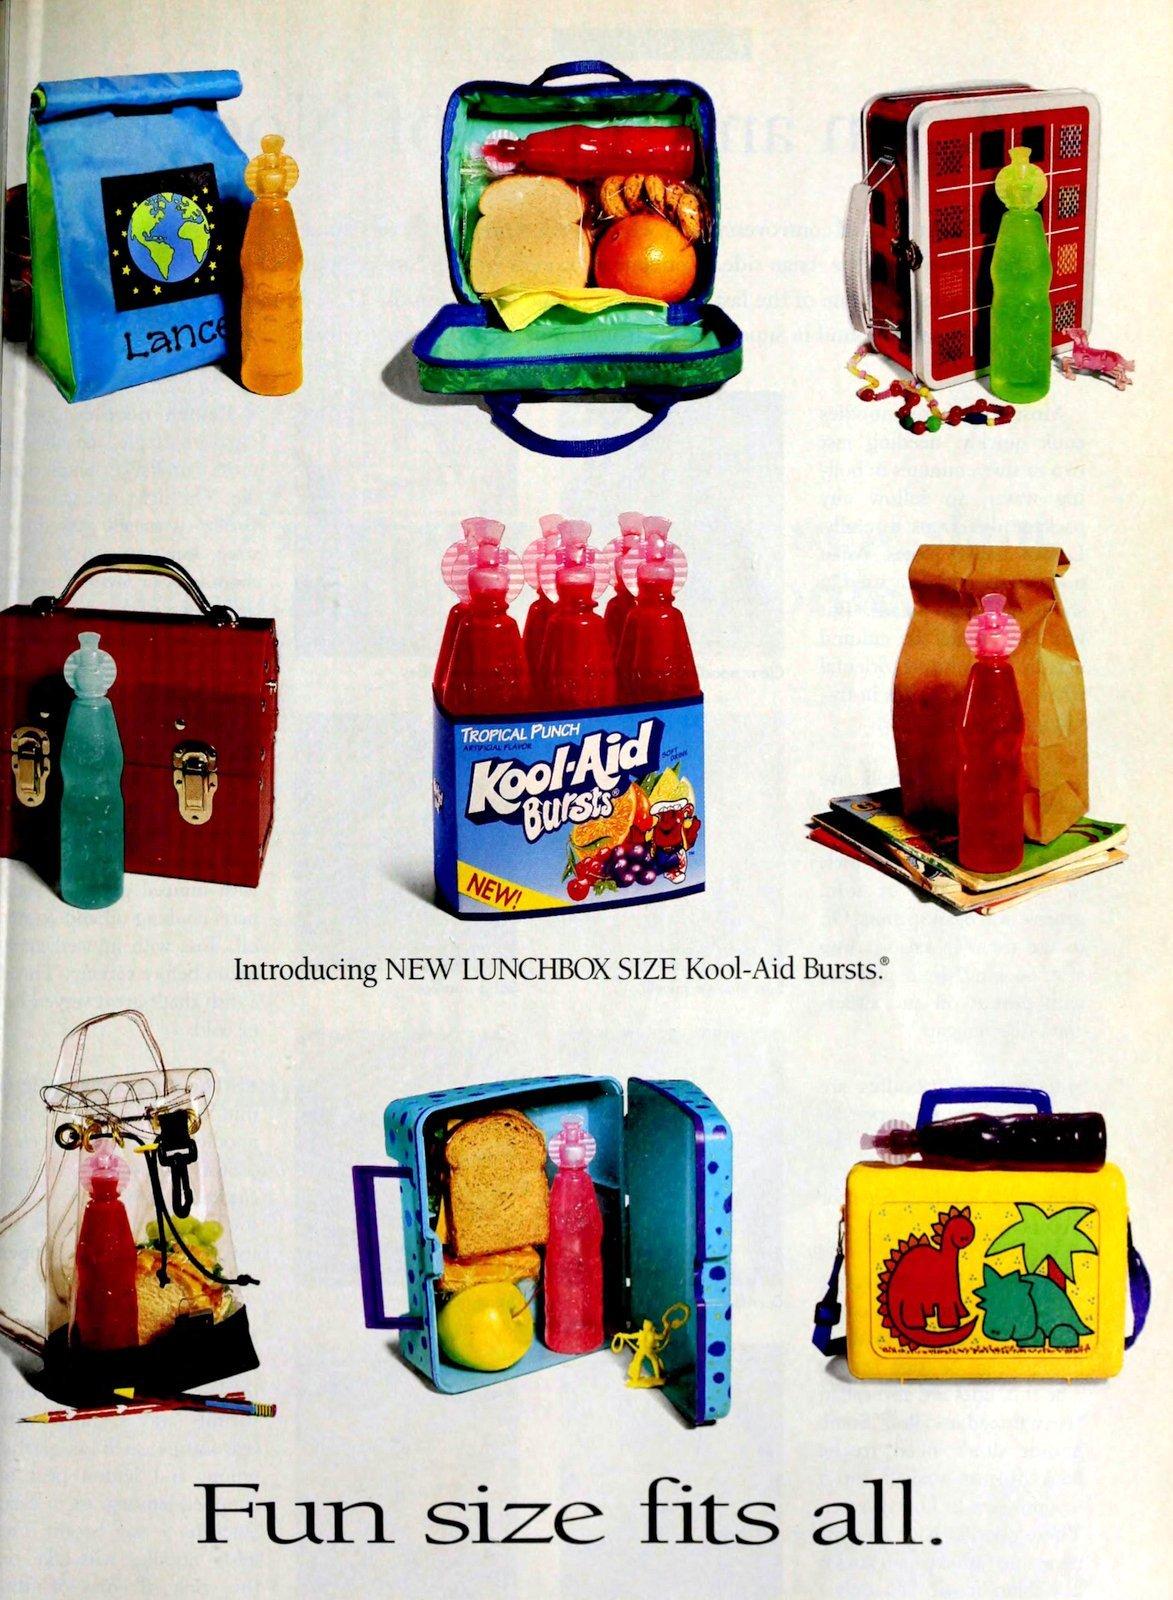 Kool-Aid Bursts juice bottles (1996)